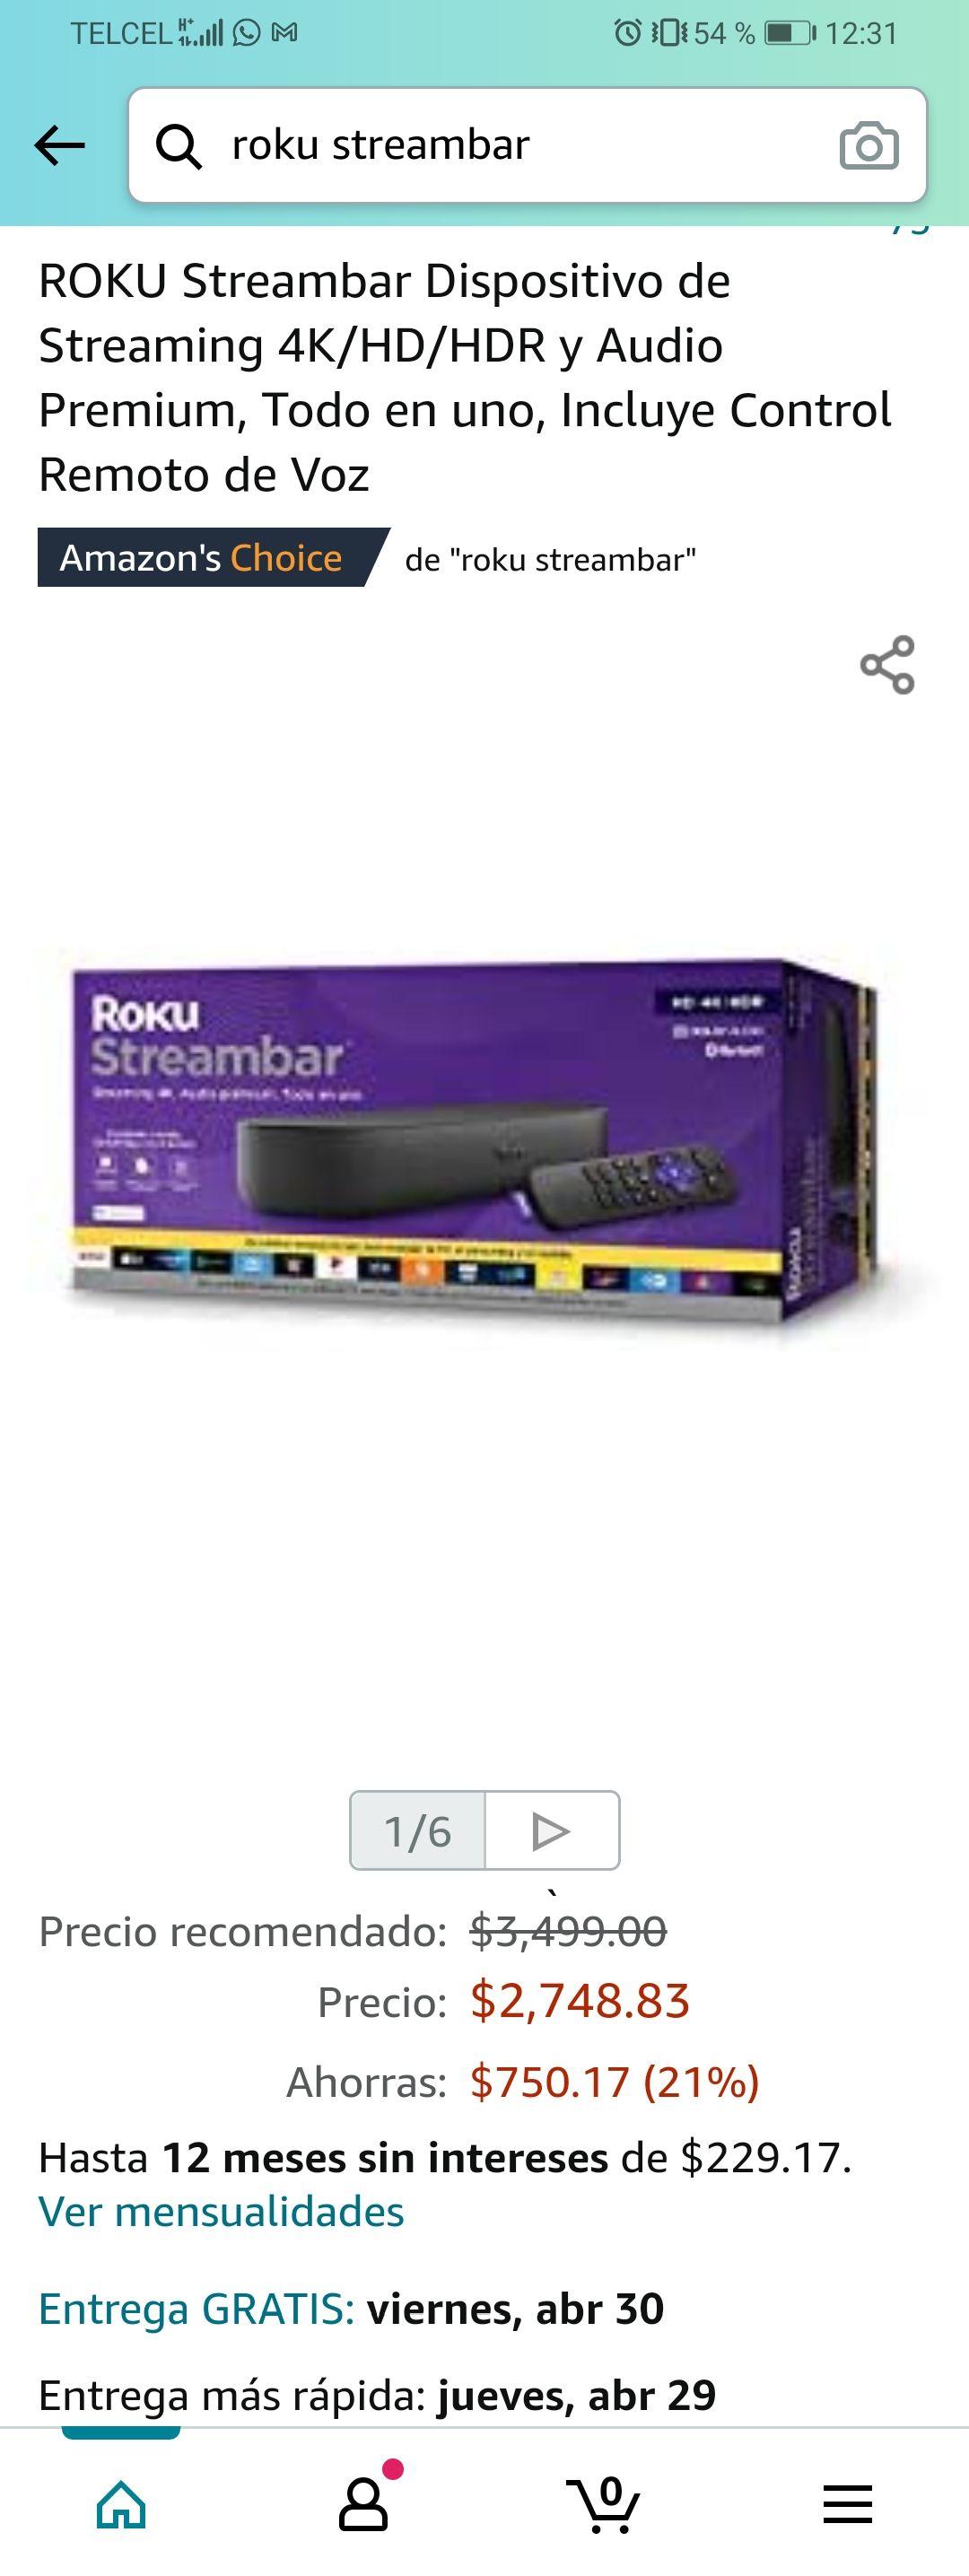 Amazon: ROKU Streambar Dispositivo de Streaming 4K/HD/HDR y Audio Premium, Todo en uno, Incluye Control Remoto de Voz